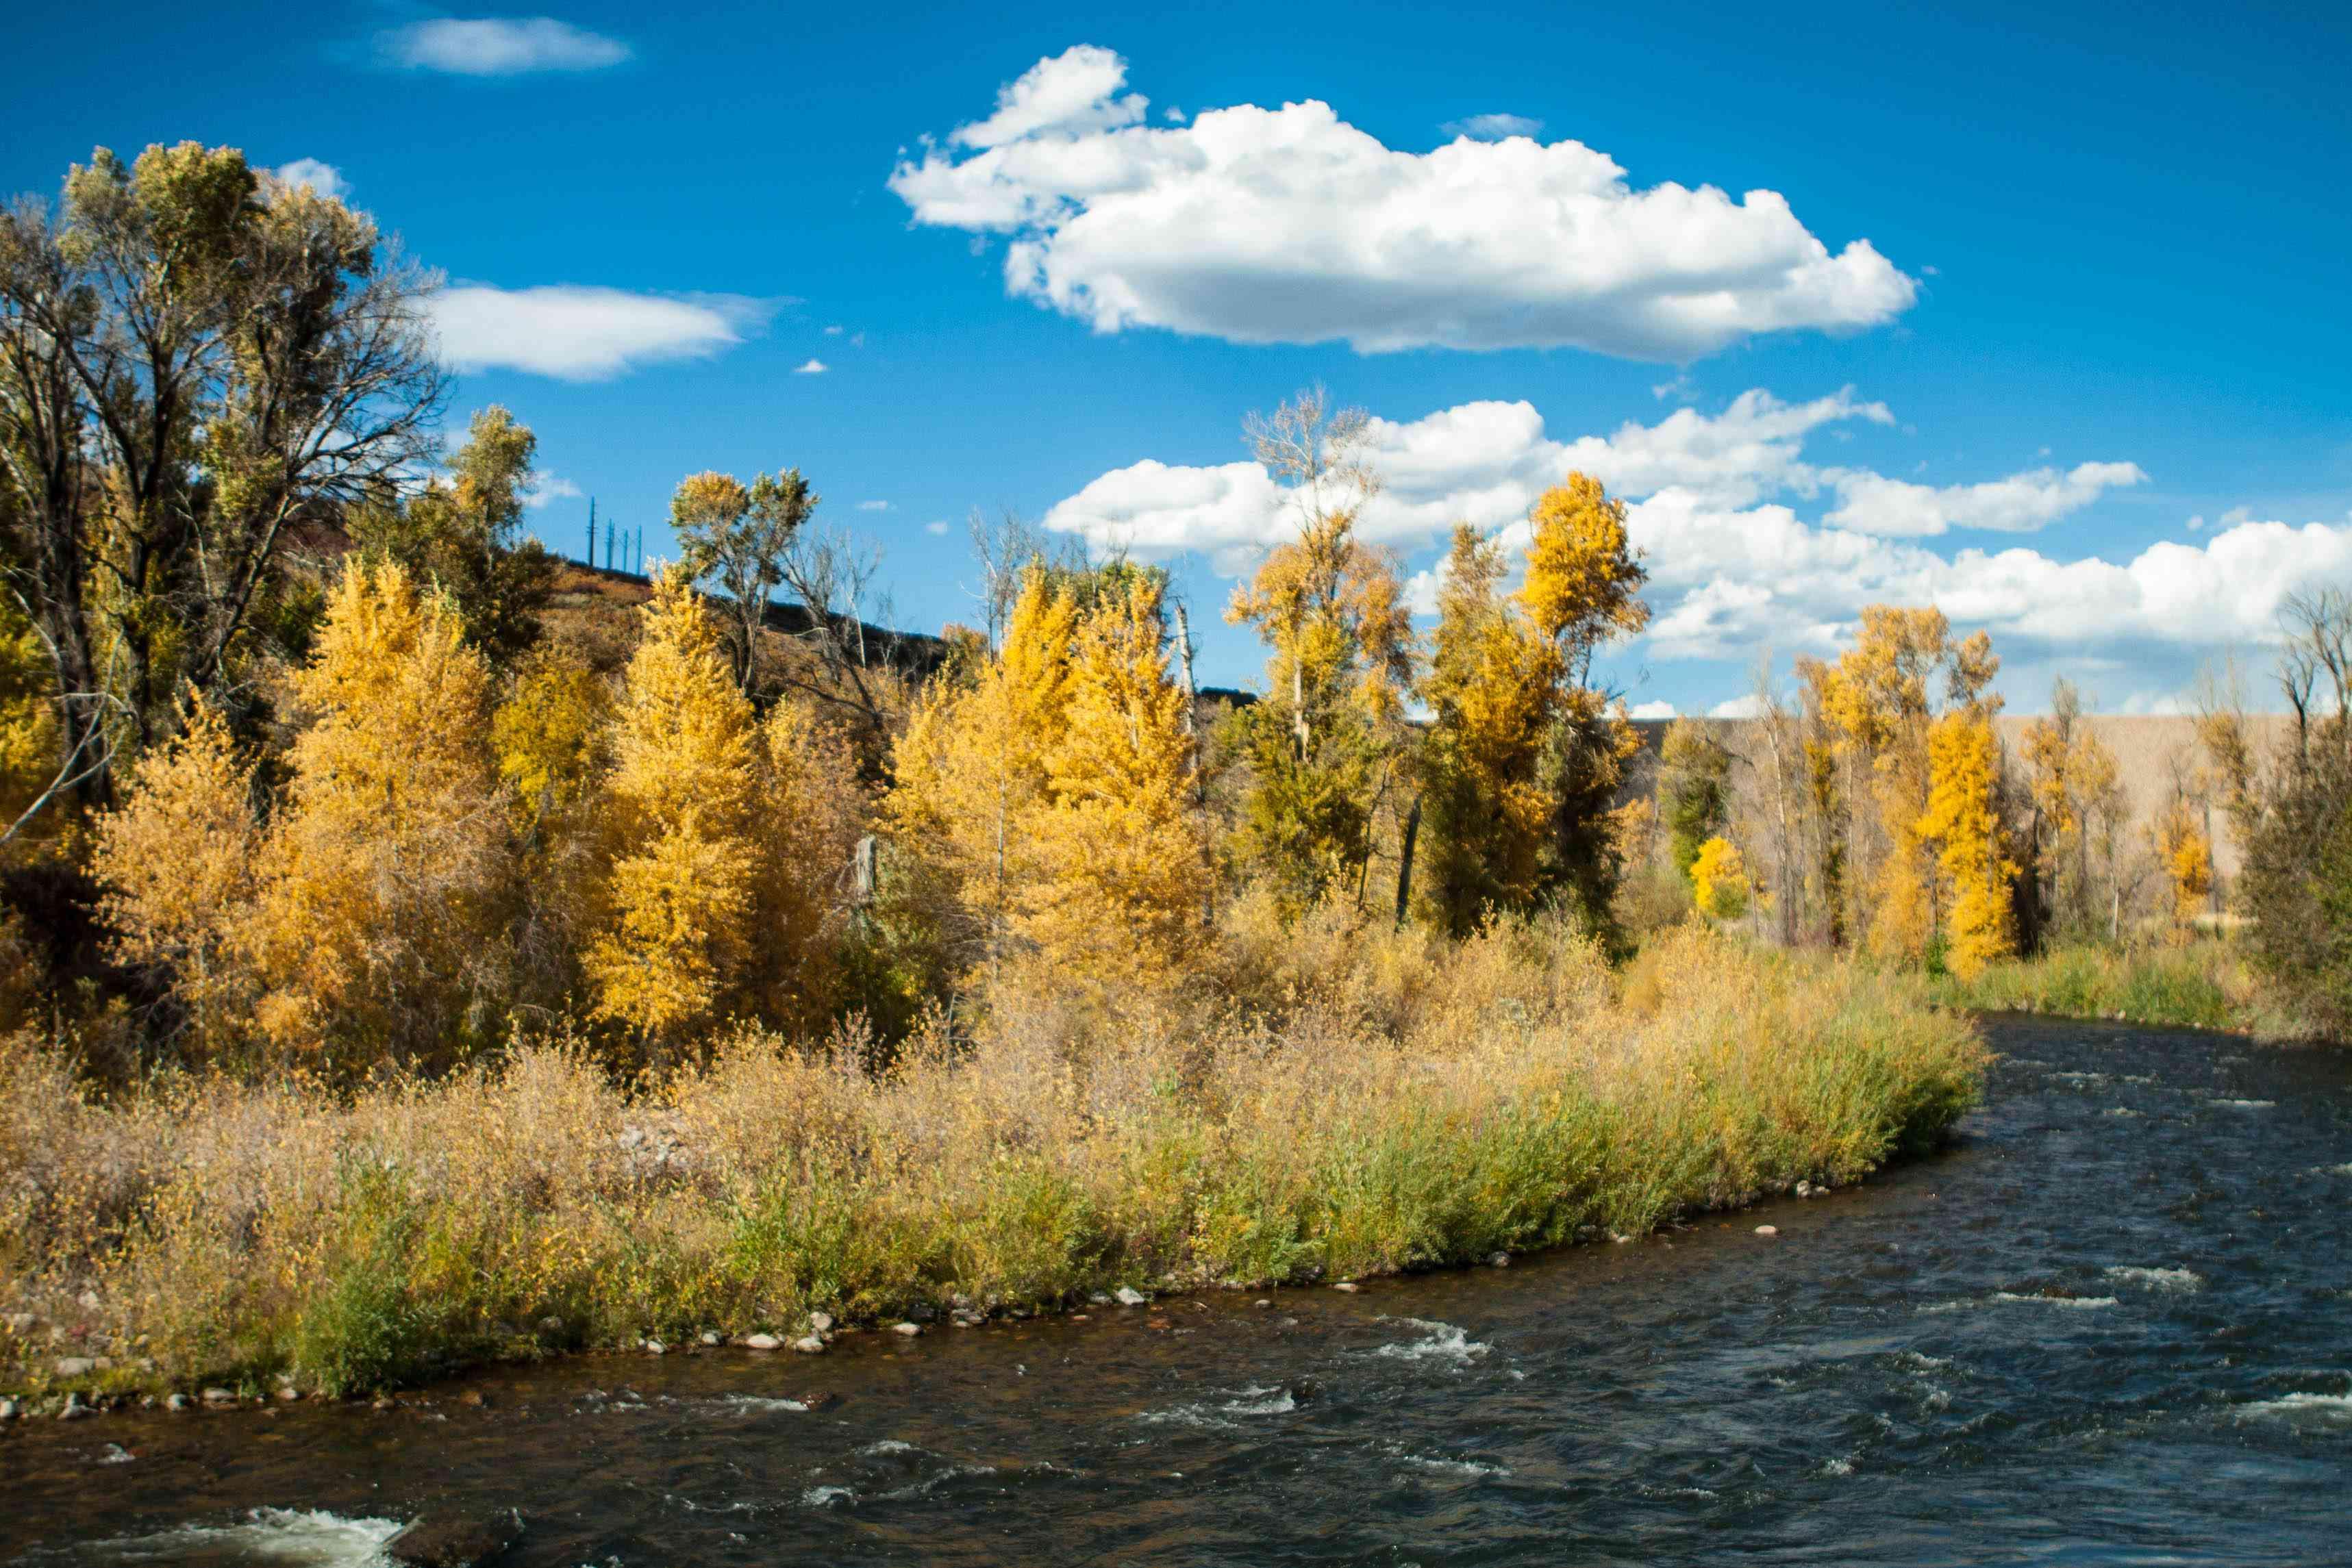 Provo River in North America